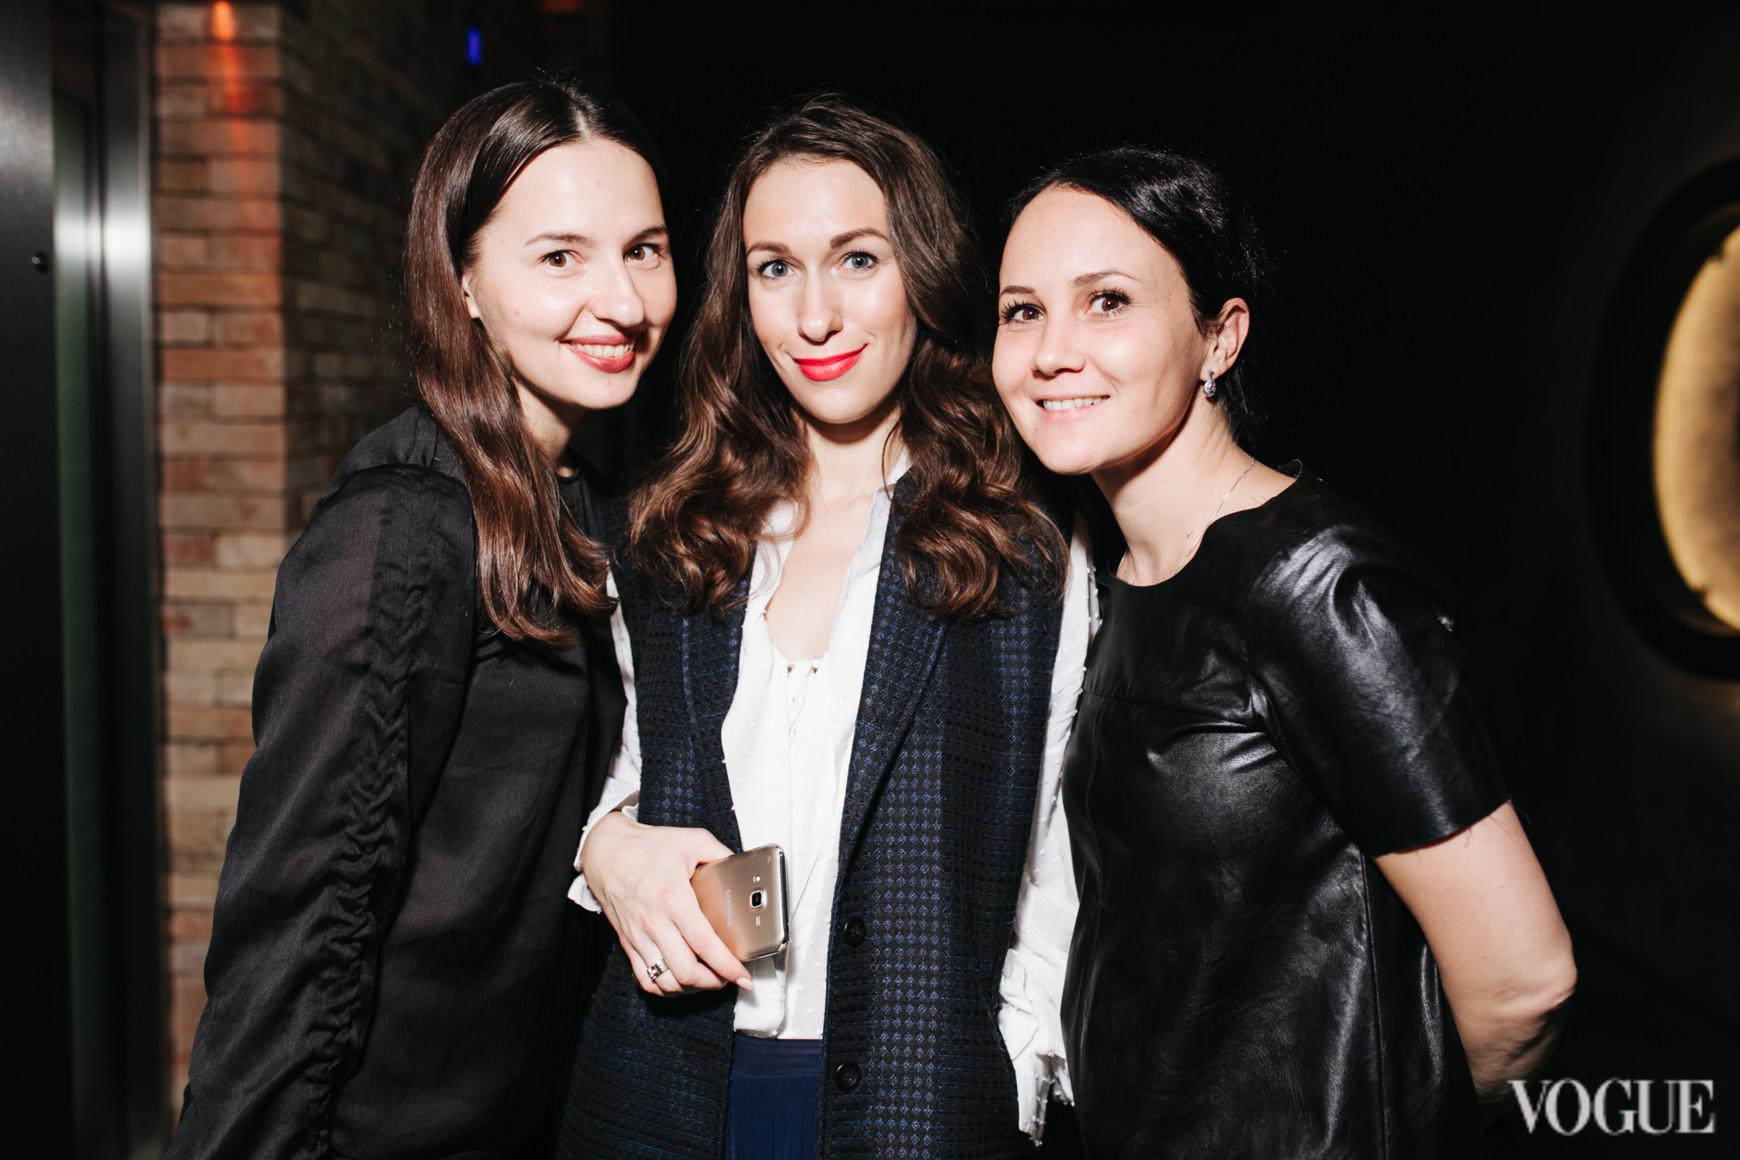 Виолетта Федорова, Дарья Слободяник и Анастасия Яворская